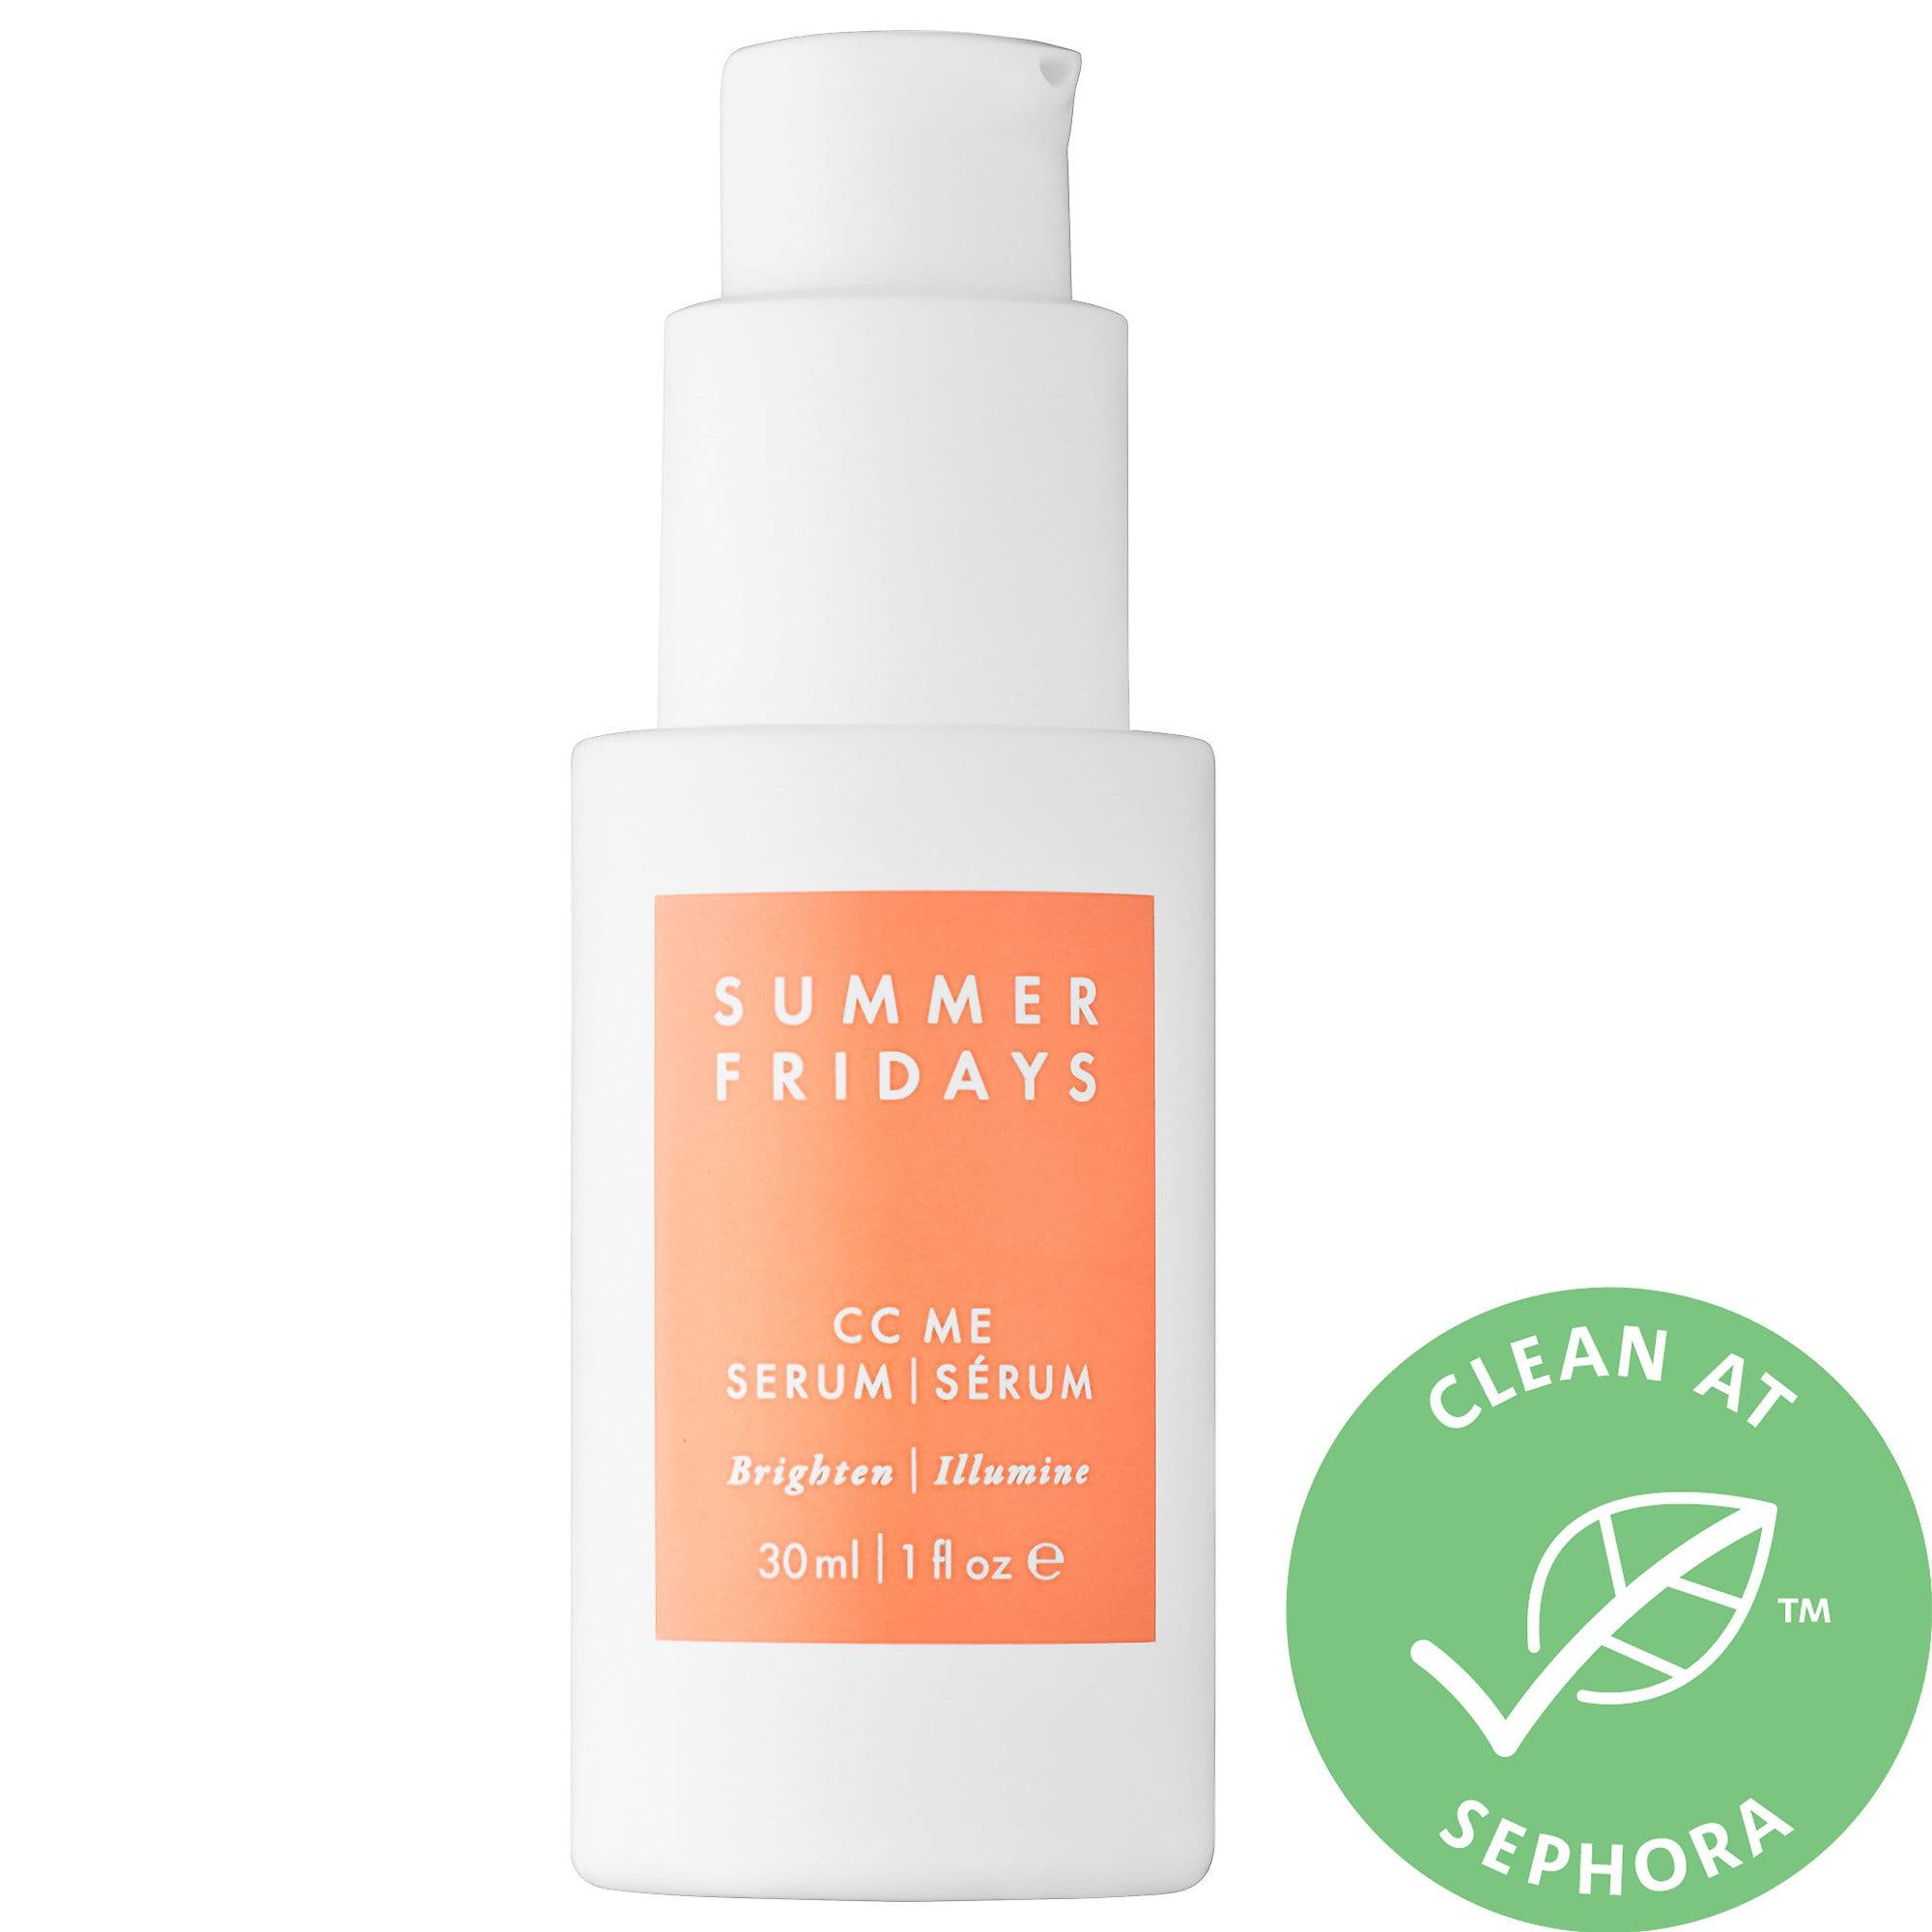 Summer Fridays CC Me Vitamin C Serum 1.0 oz/ 30 mL